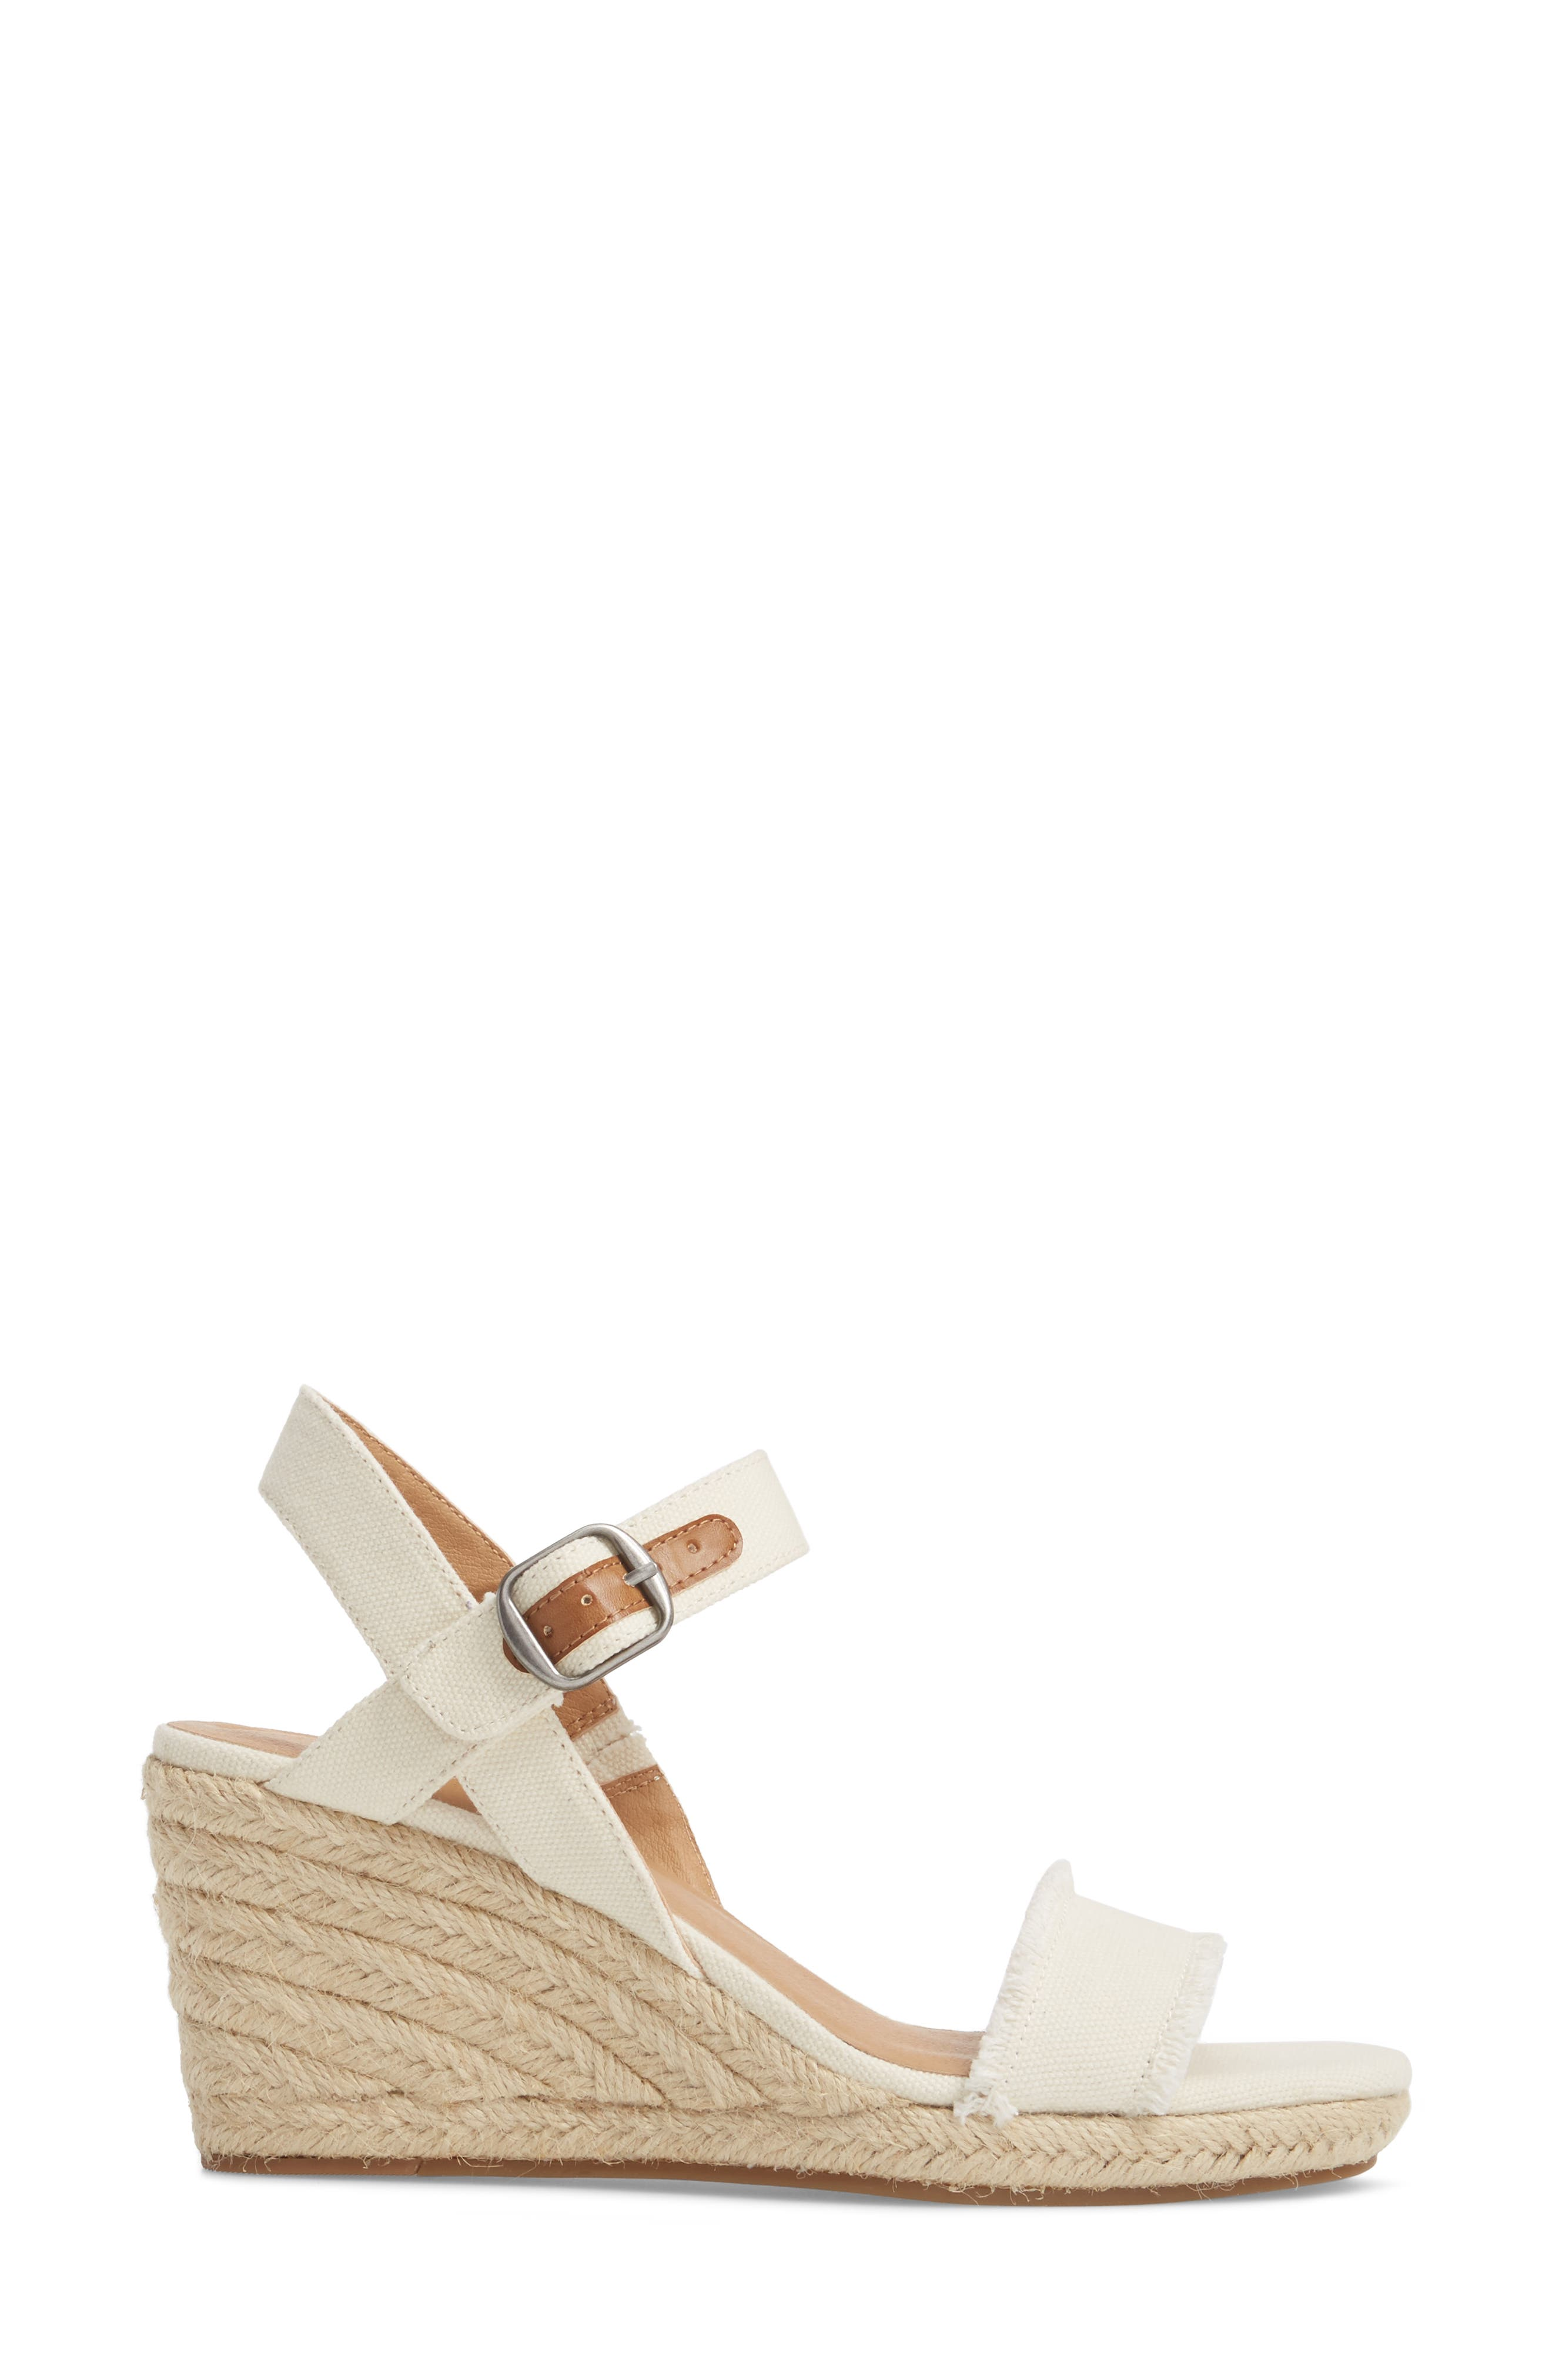 Alternate Image 3  - Lucky Brand Marceline Squared Toe Wedge Sandal (Women)